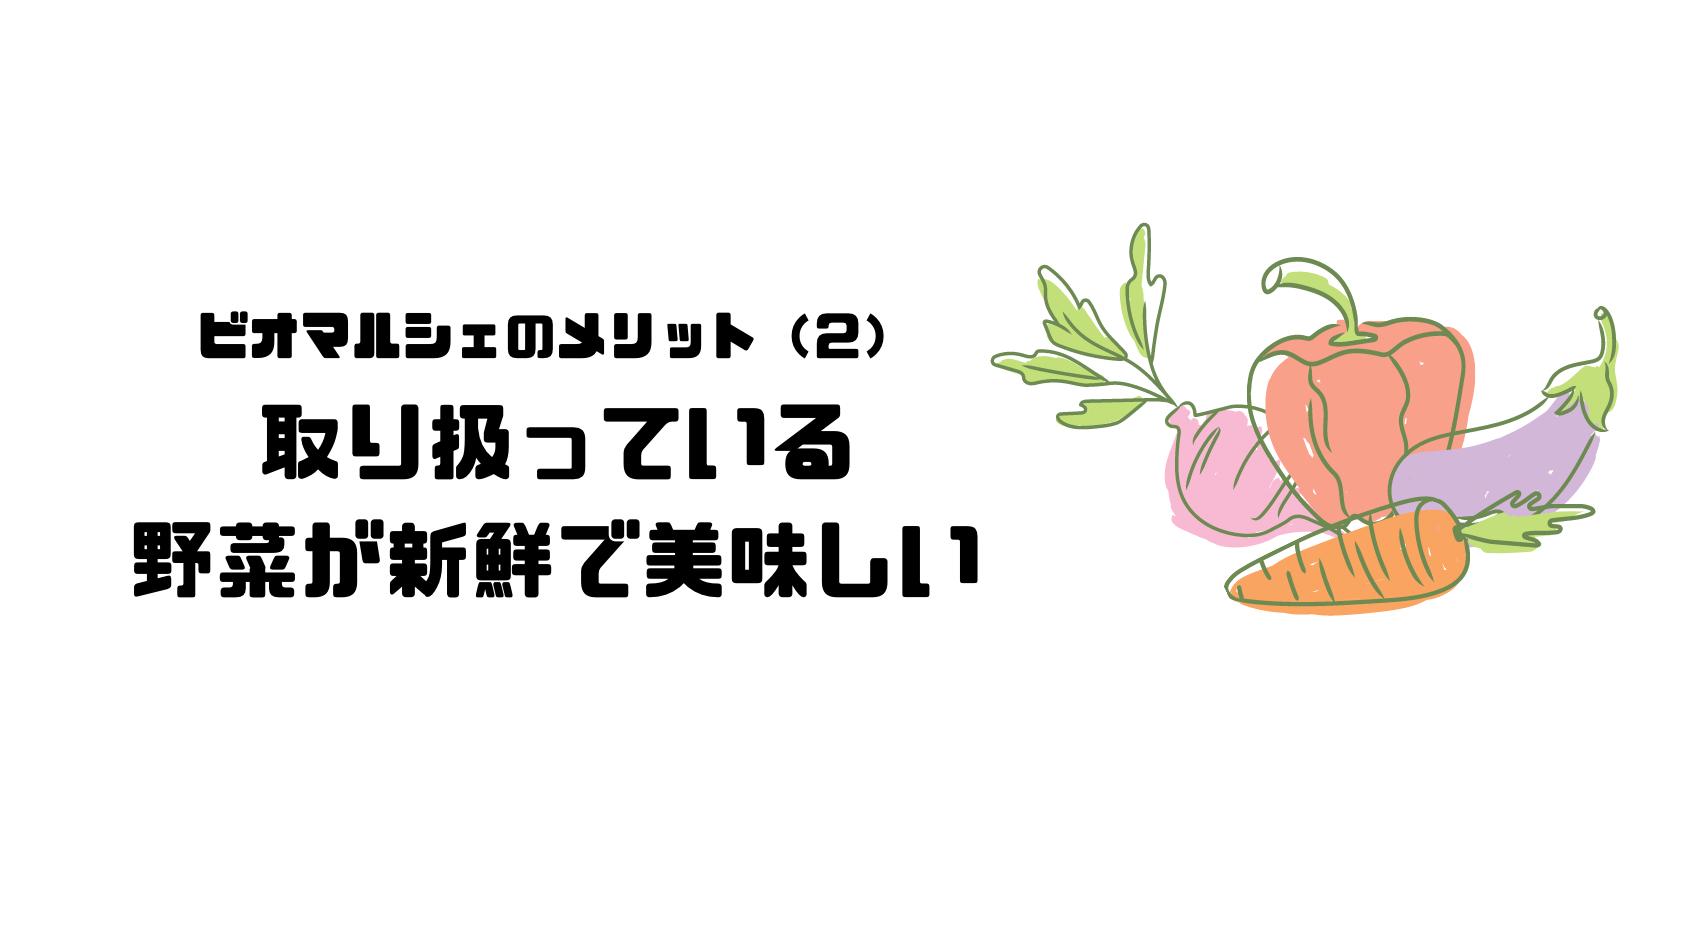 ビオマルシェ_評判_口コミ_メリット_野菜_新鮮_有機野菜